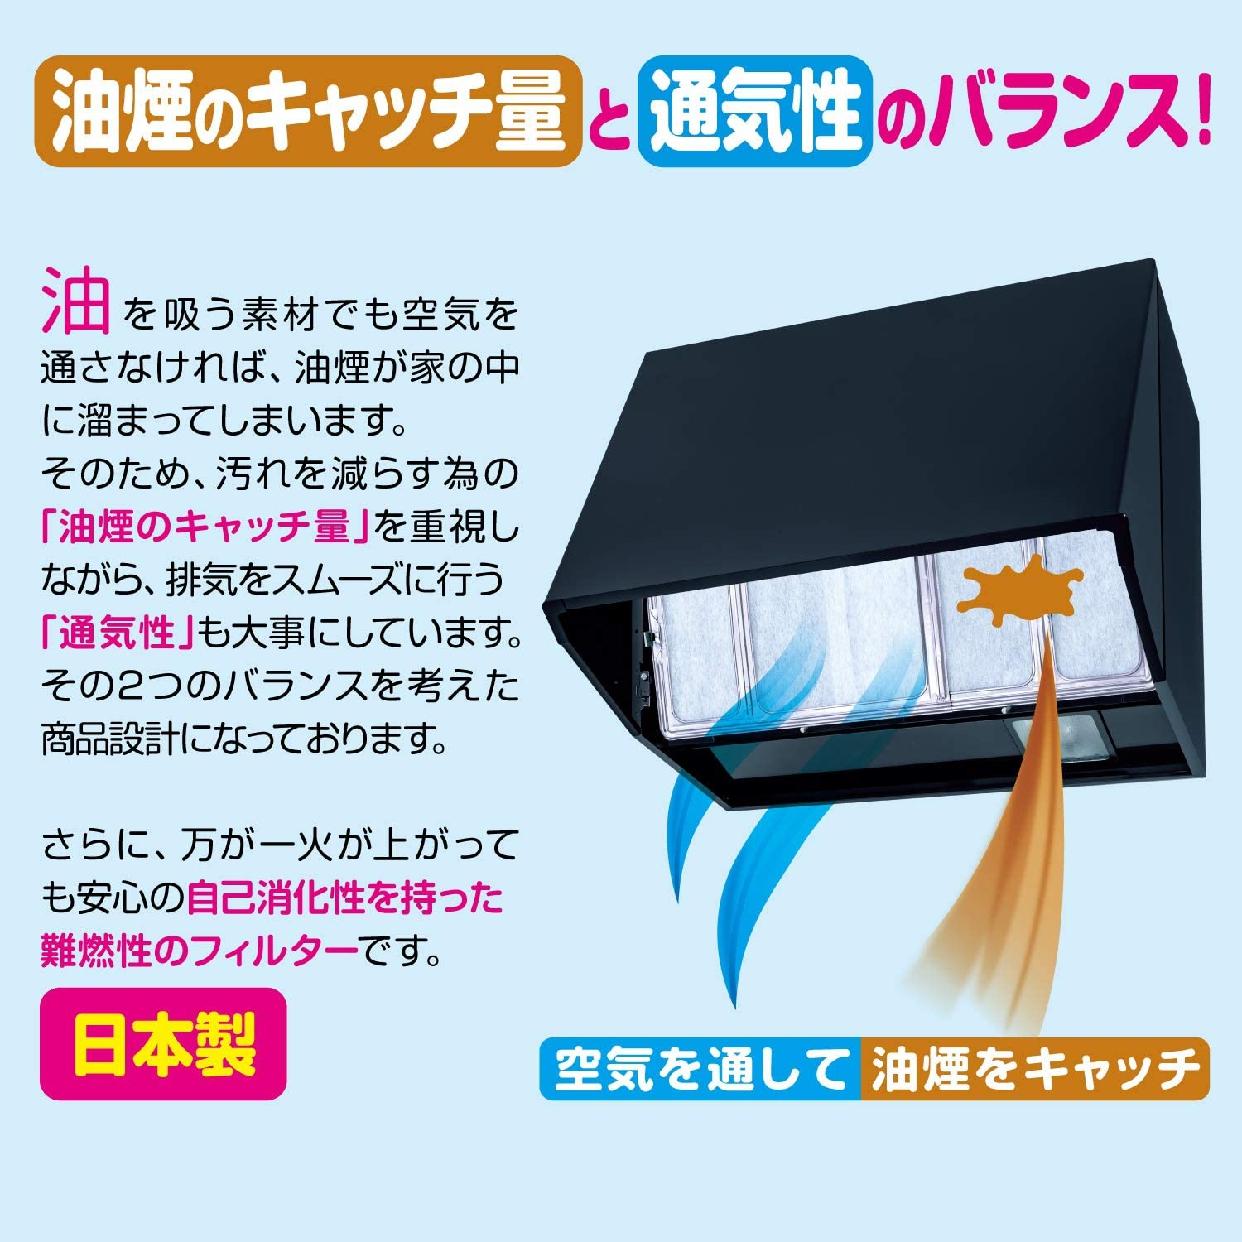 東洋アルミ(トウヨウアルミ)ワンタッチ レンジフードカバー 60~90cm用 1枚入 S2507の商品画像4